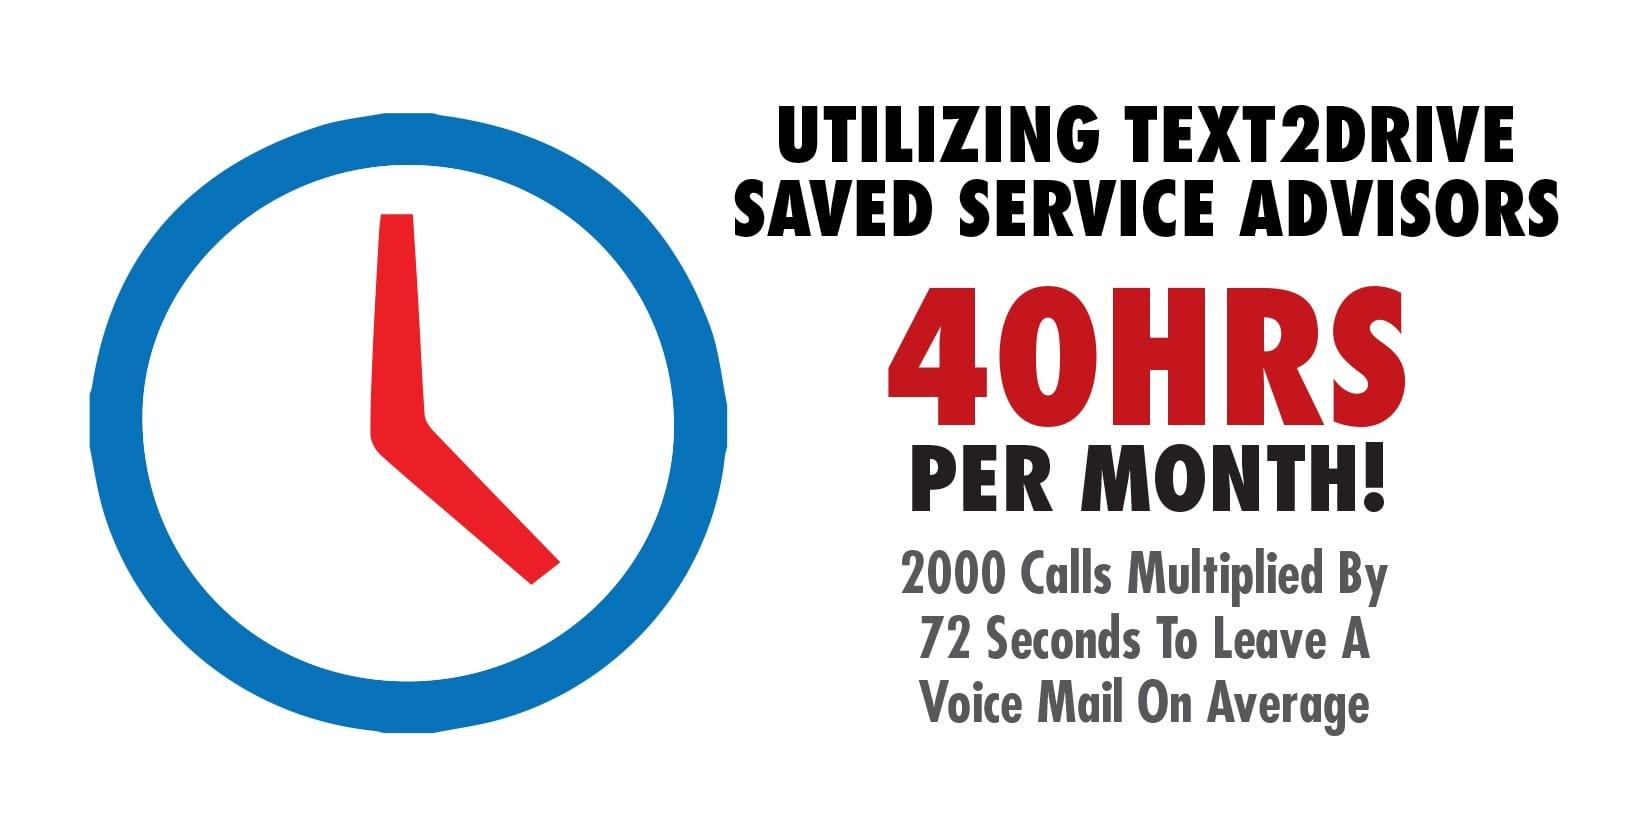 Utilización de los asesores de servicio guardados de Text2Drive 40 horas al mes